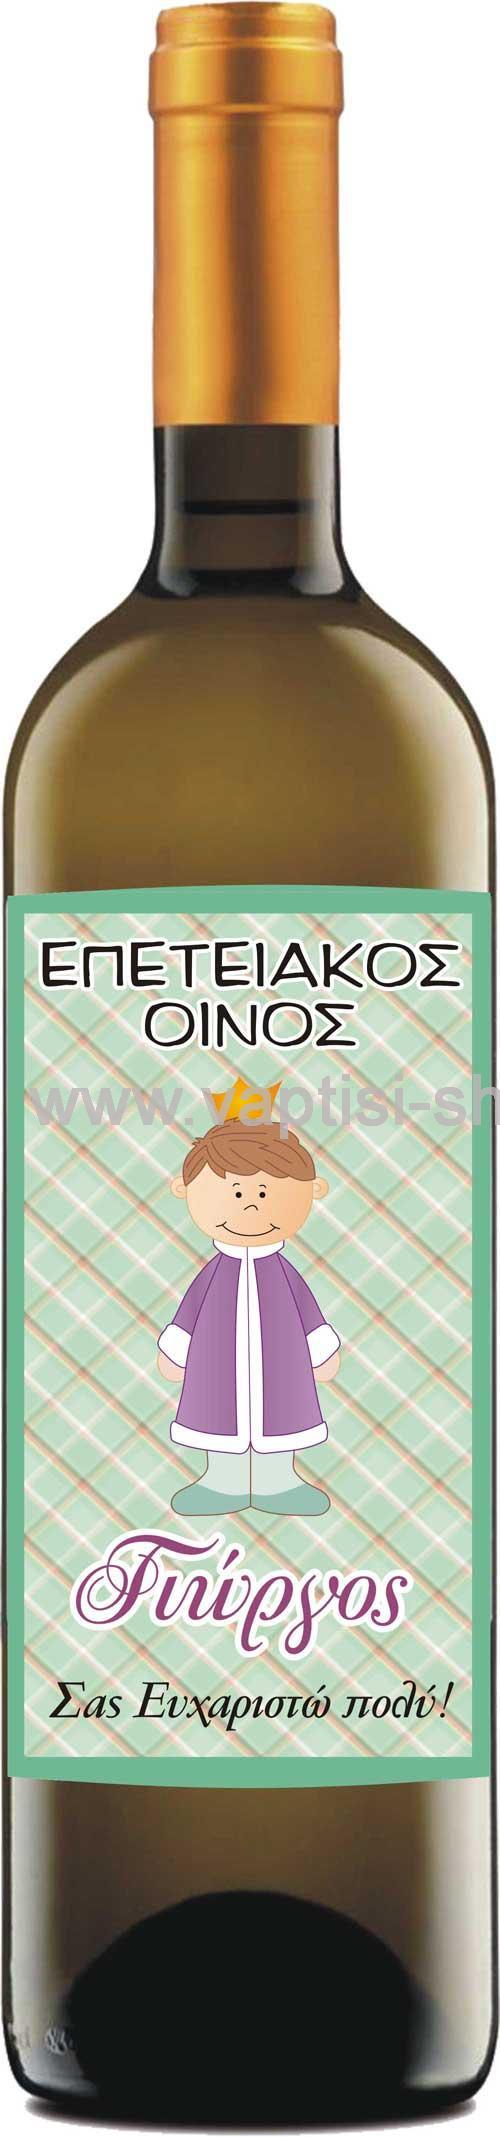 Ετικέτα Κρασιού  7